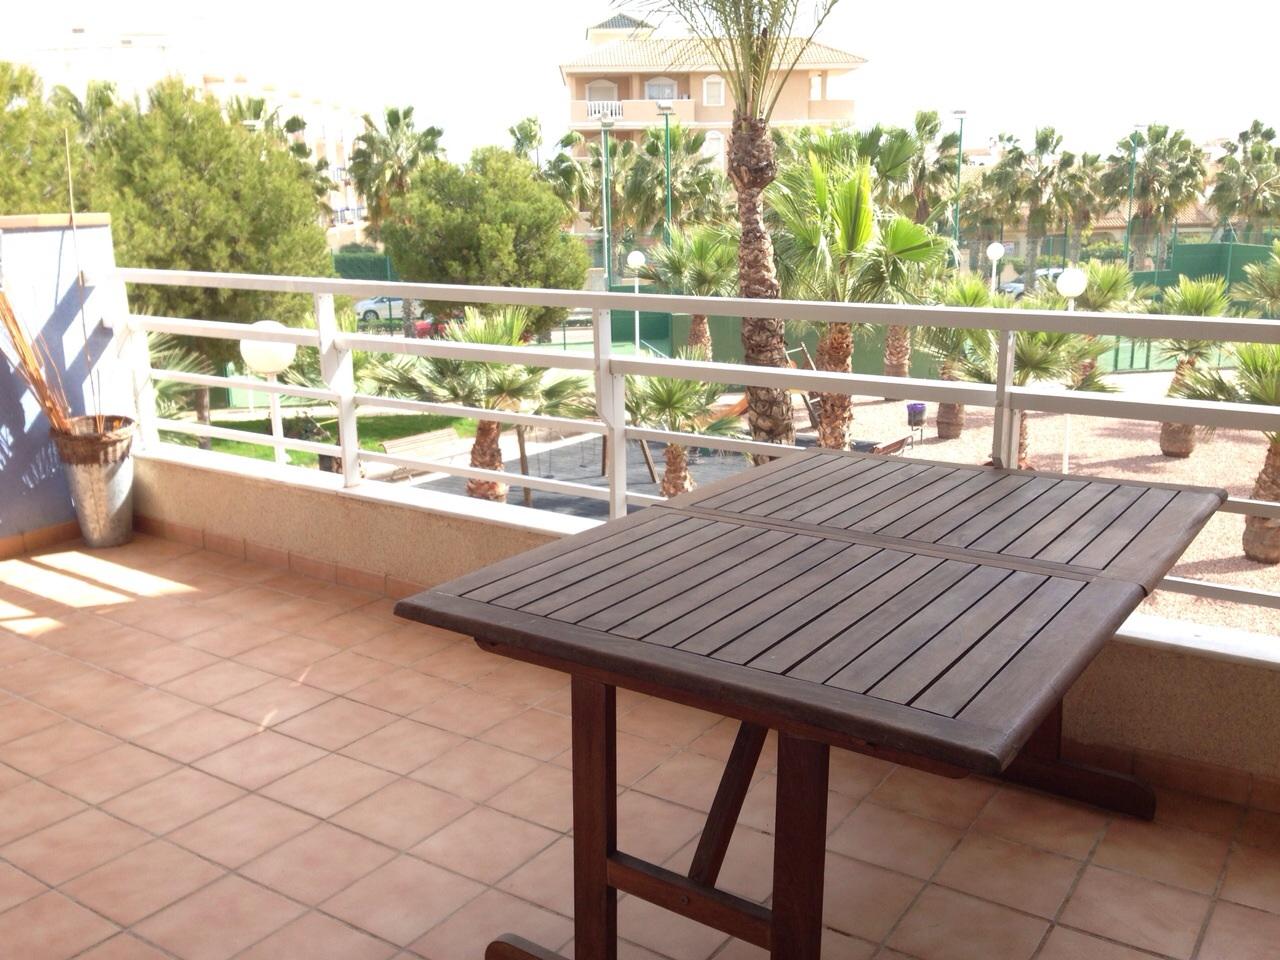 Apt 2 planta 1 con terraza caboroigblog for Terrazas bonitas